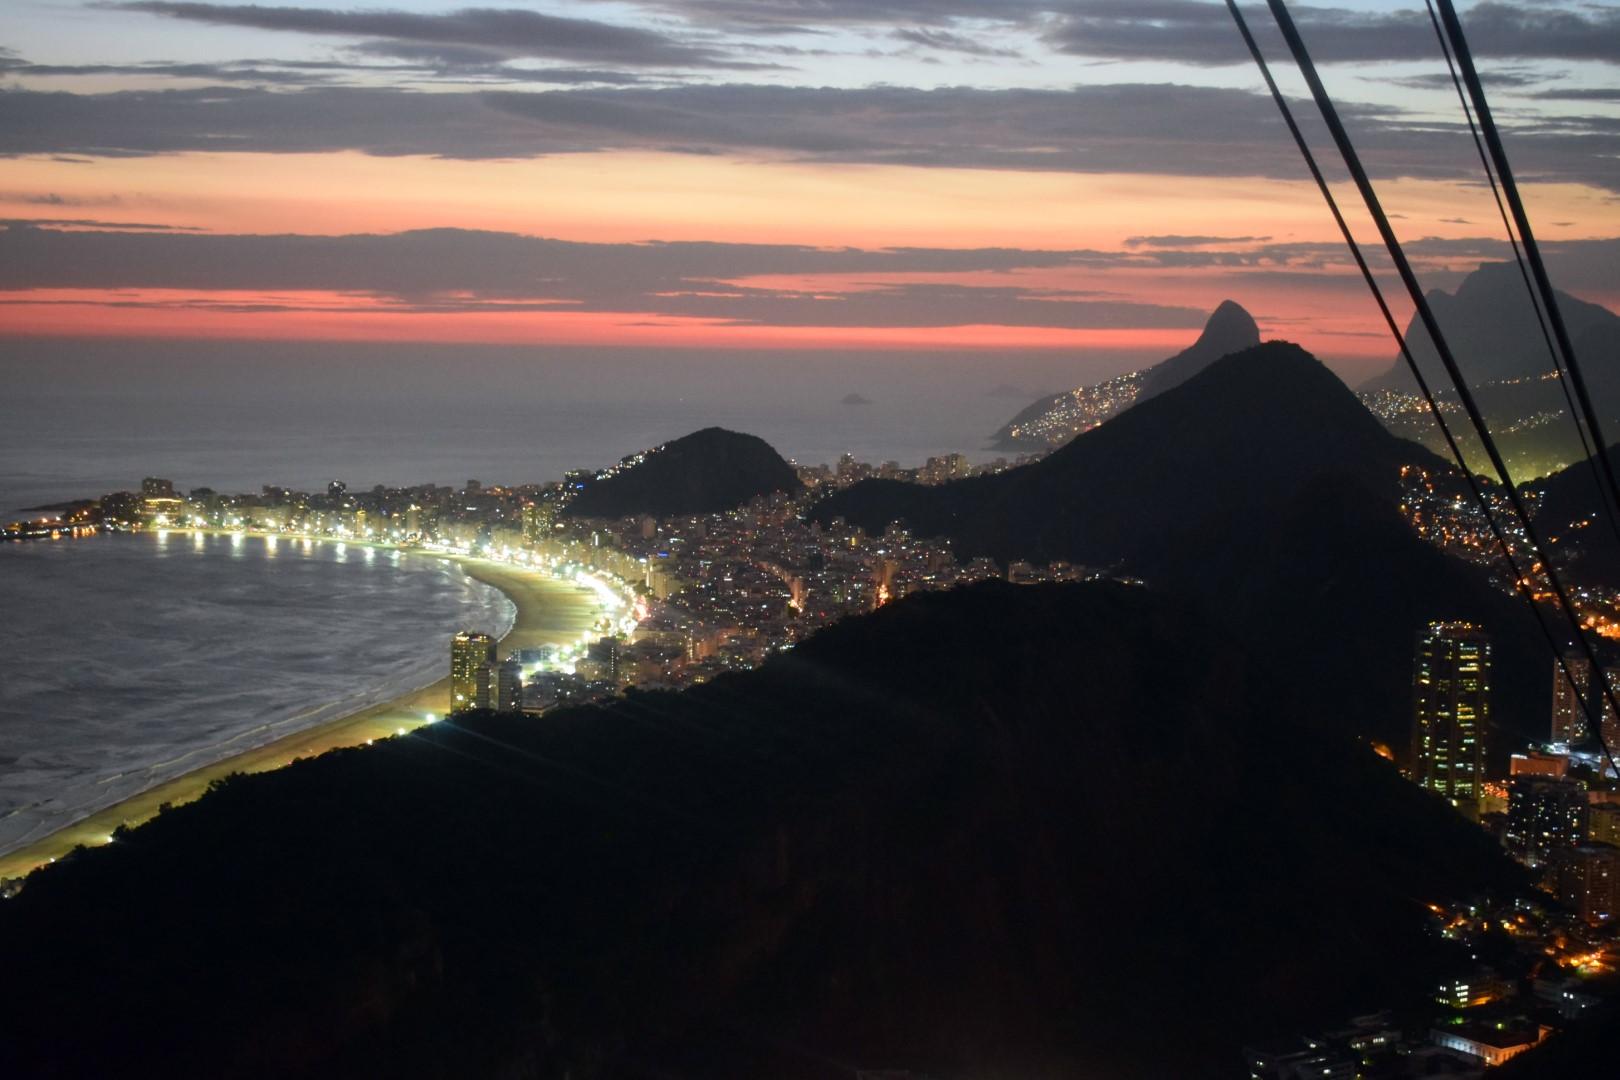 Top of the Pão de Açúcar, Rio de Janeiro